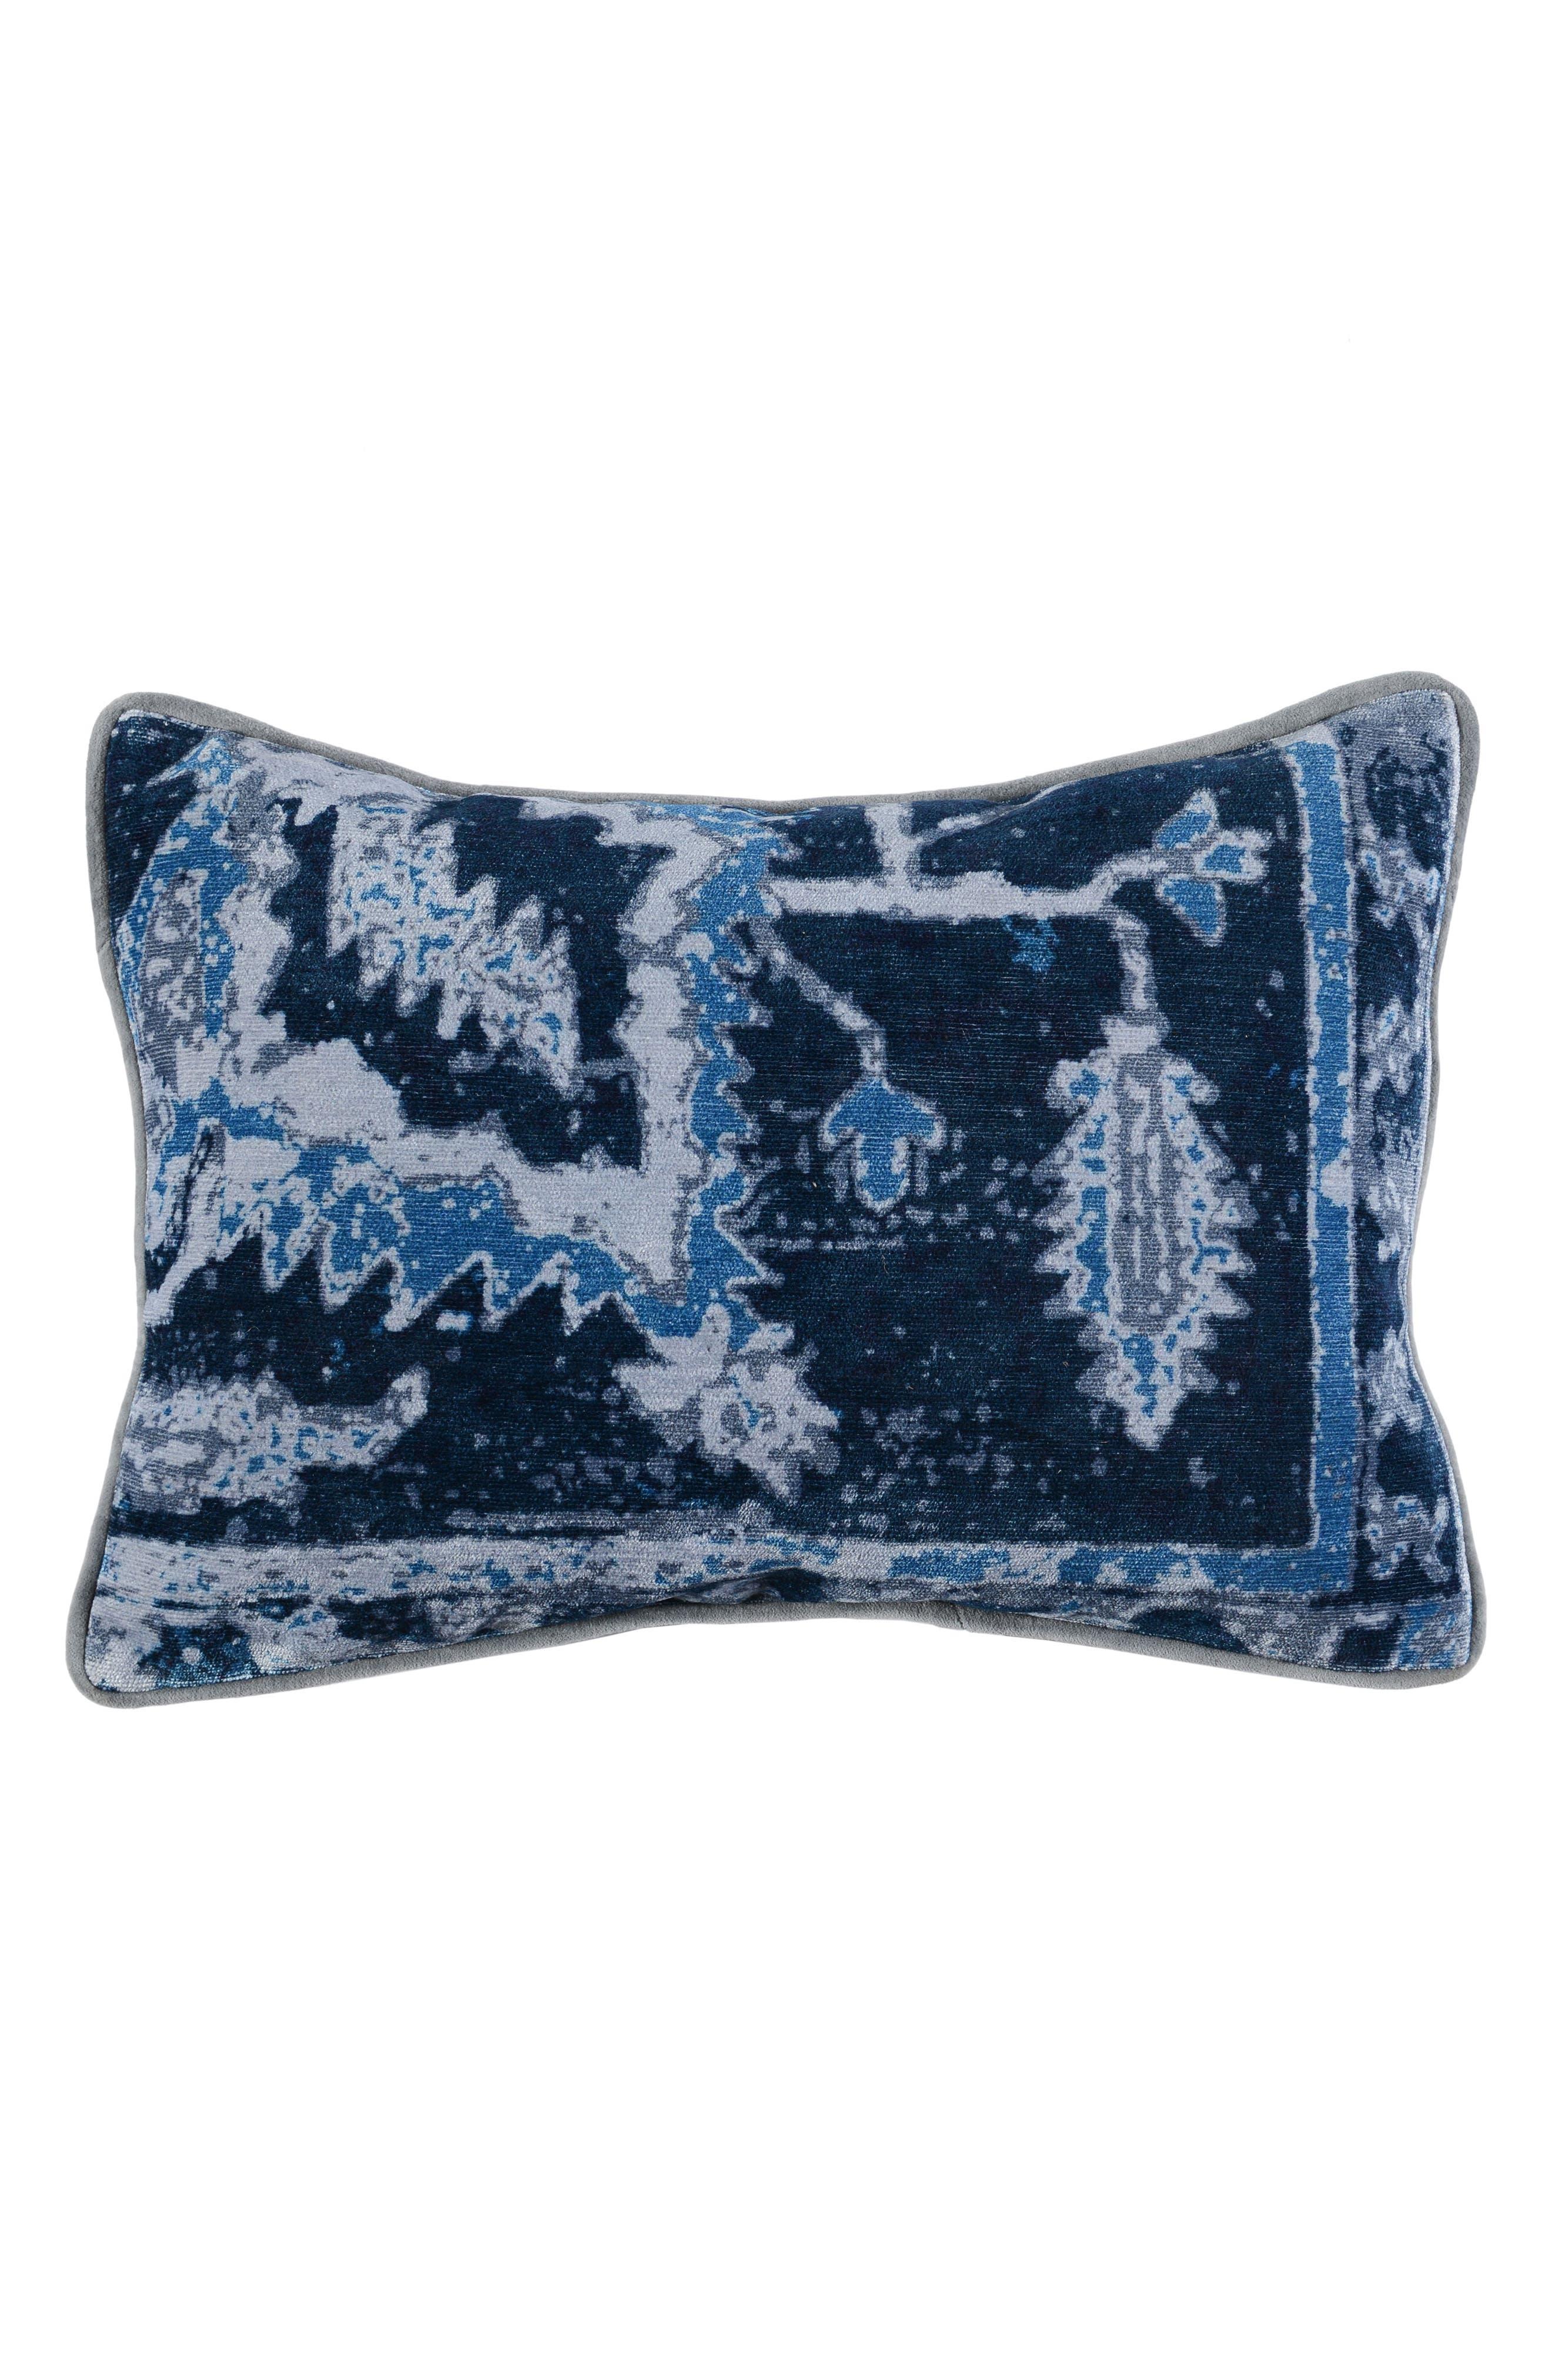 Stella Velvet Accent Pillow,                             Main thumbnail 1, color,                             400